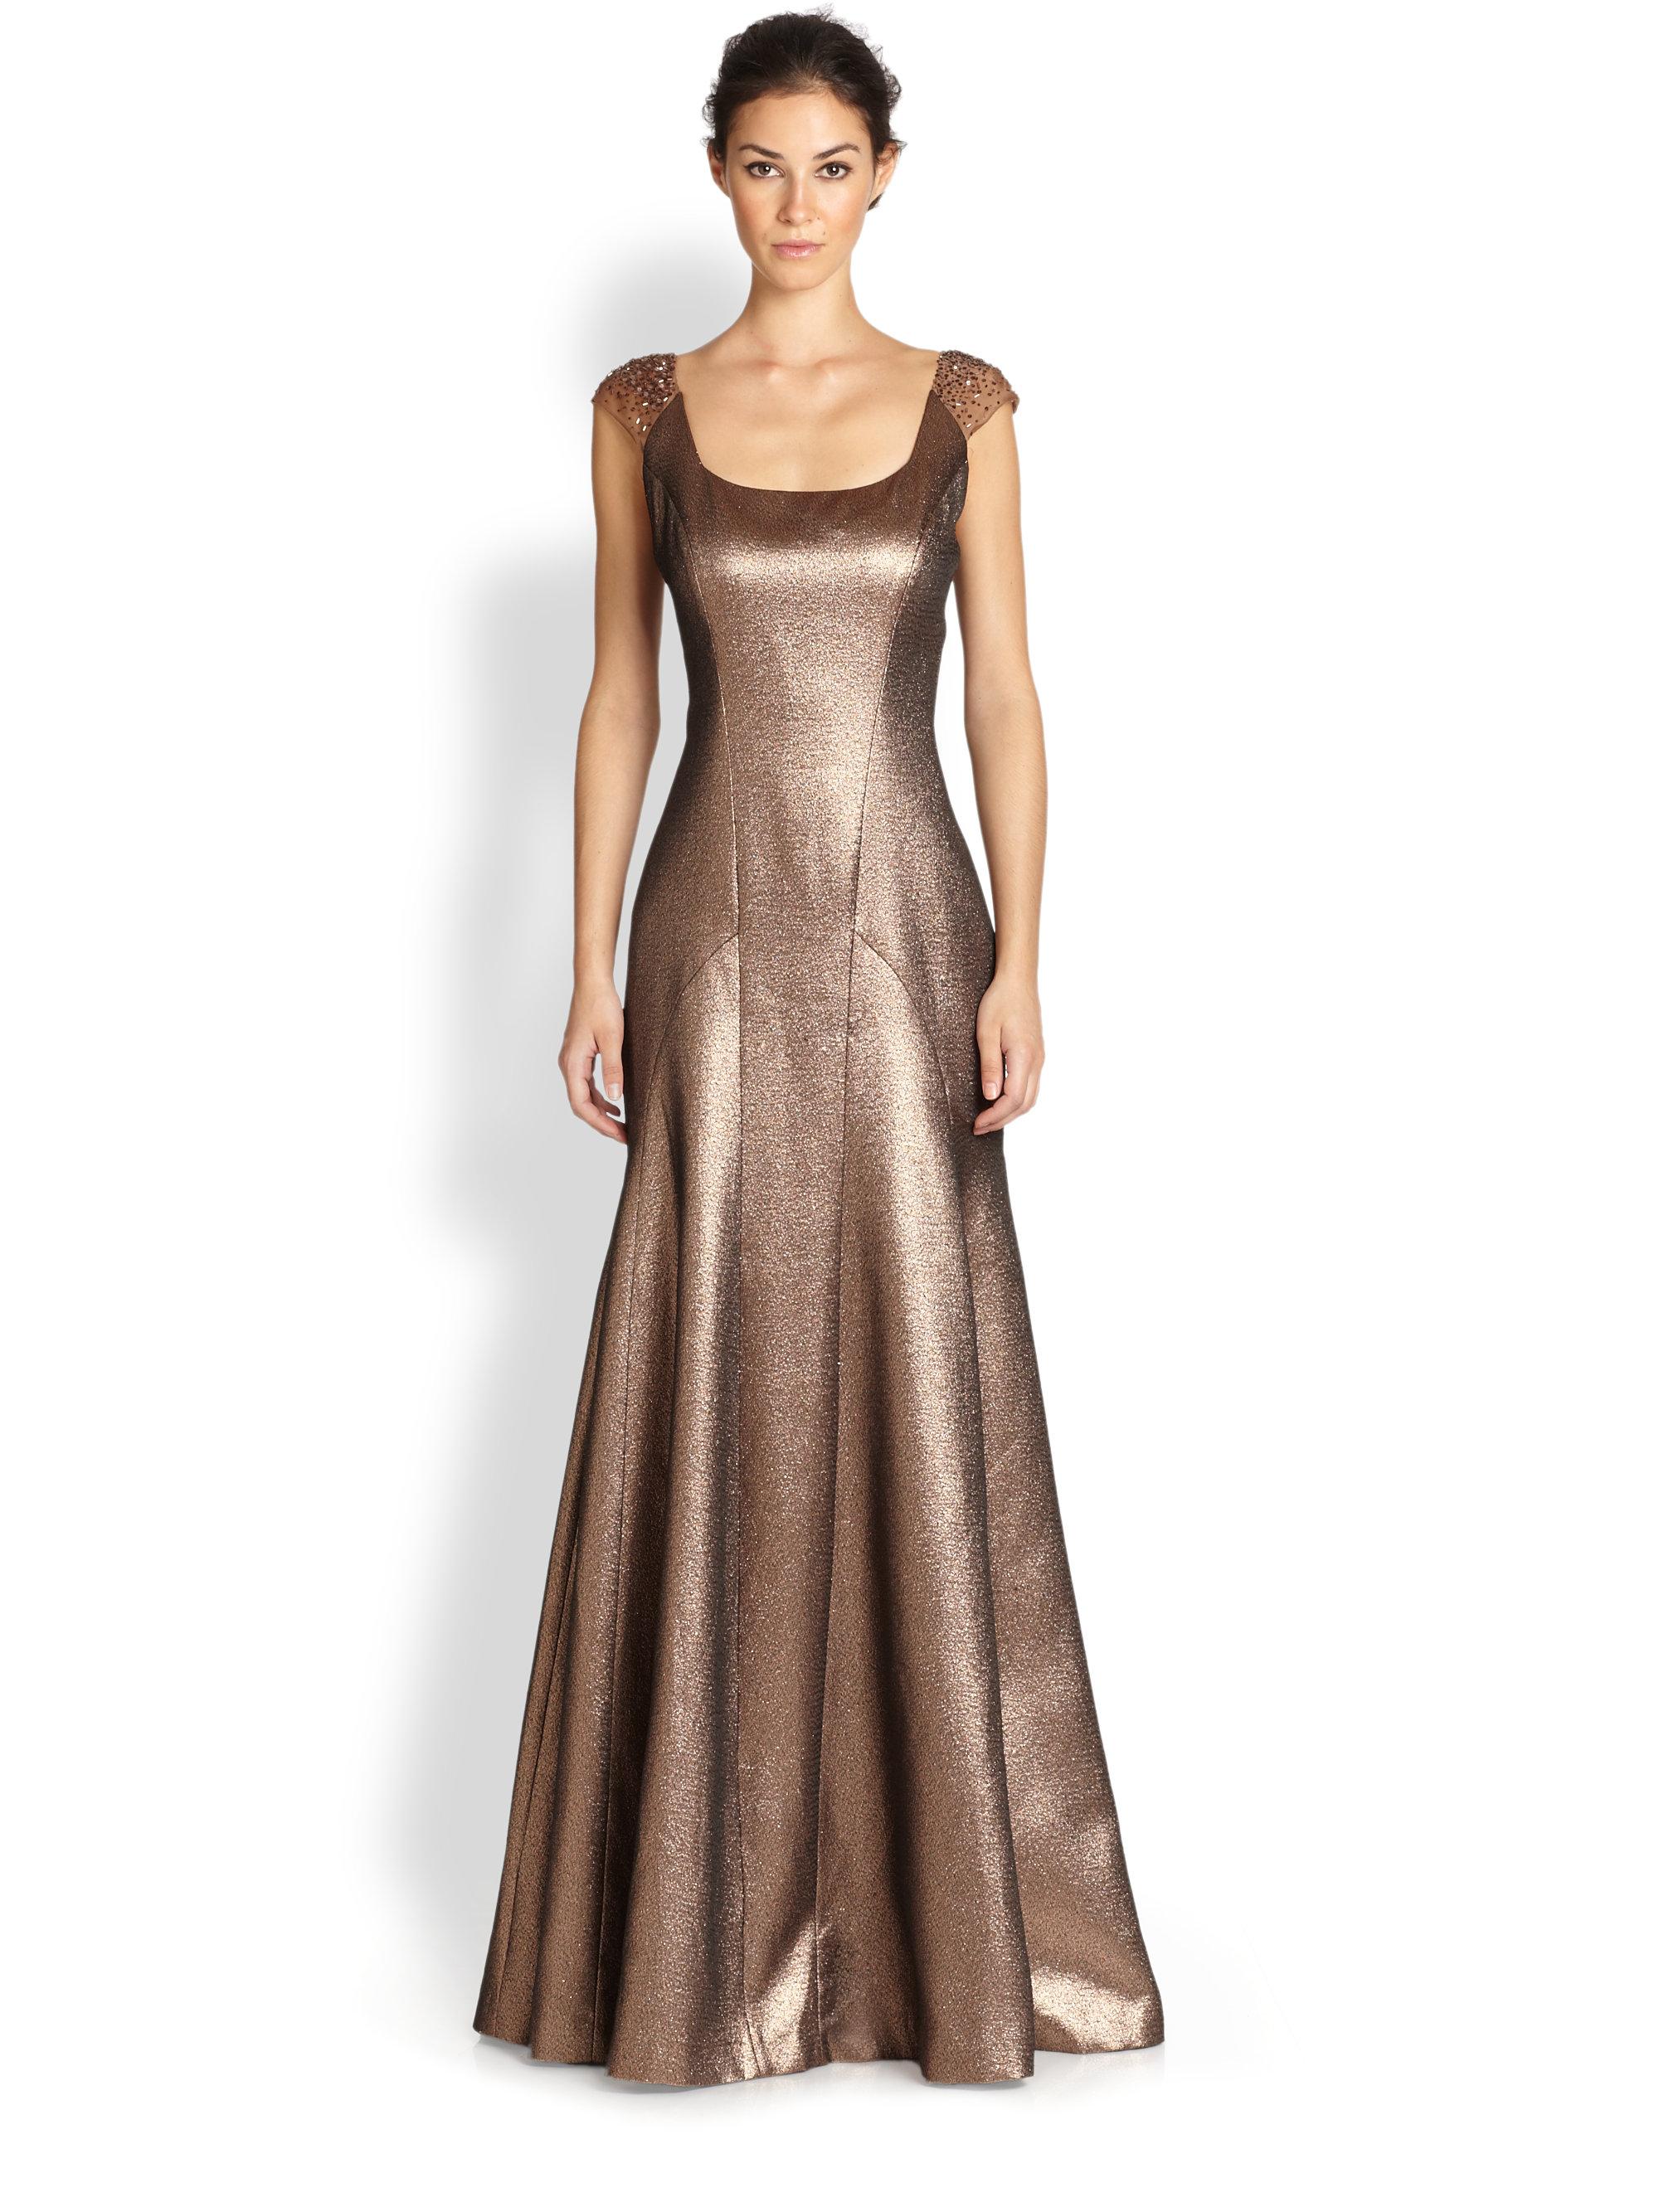 Lyst Kay Unger Capsleeve Metallic Mermaid Gown In Brown